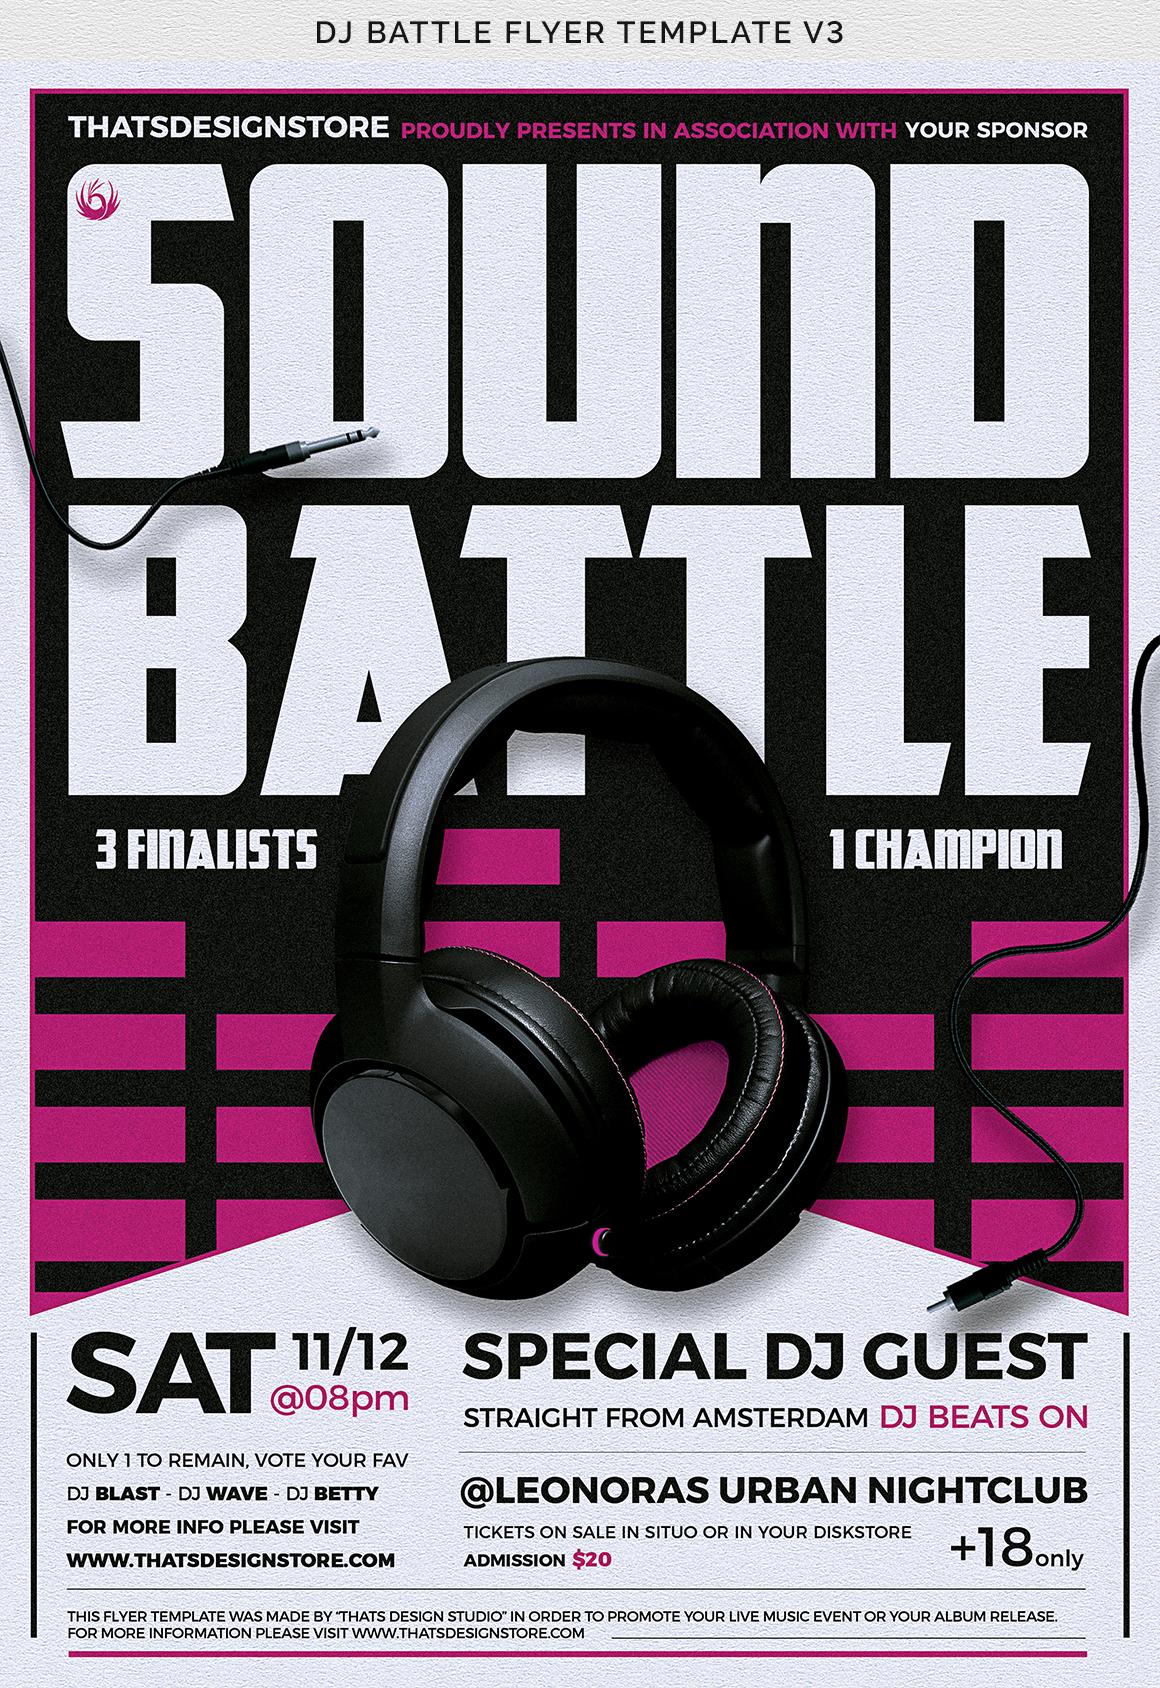 DJ Battle Flyer Template V3 example image 11